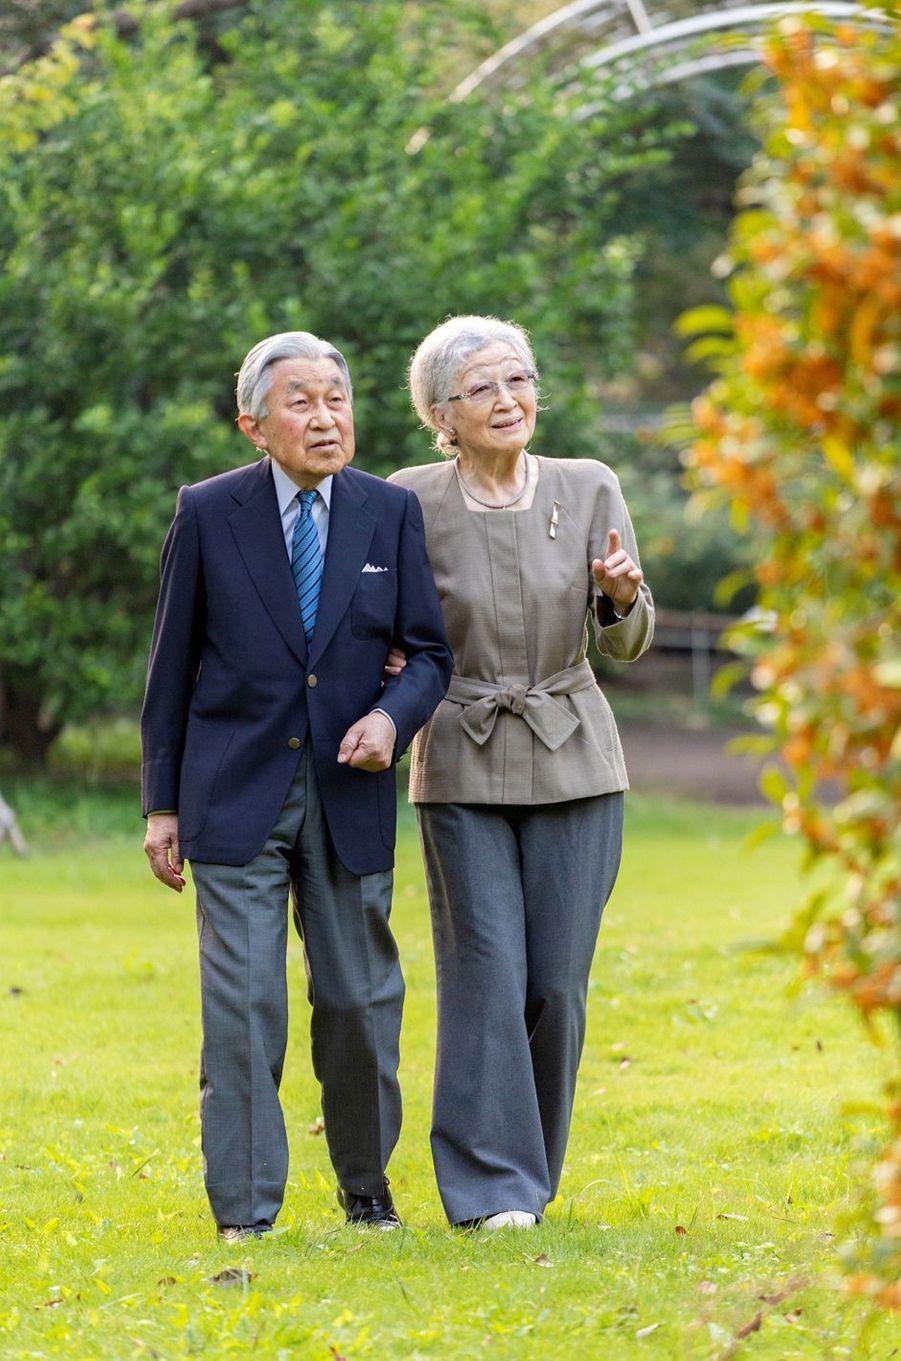 L'ex-impératrice Michiko du Japon, avec son époux l'ex-empereur Akihito, le 5 octobre 2020 dans leur jardin à Tokyo. Photo diffusée le 20 octobre 2020 pour son 86e anniversaire